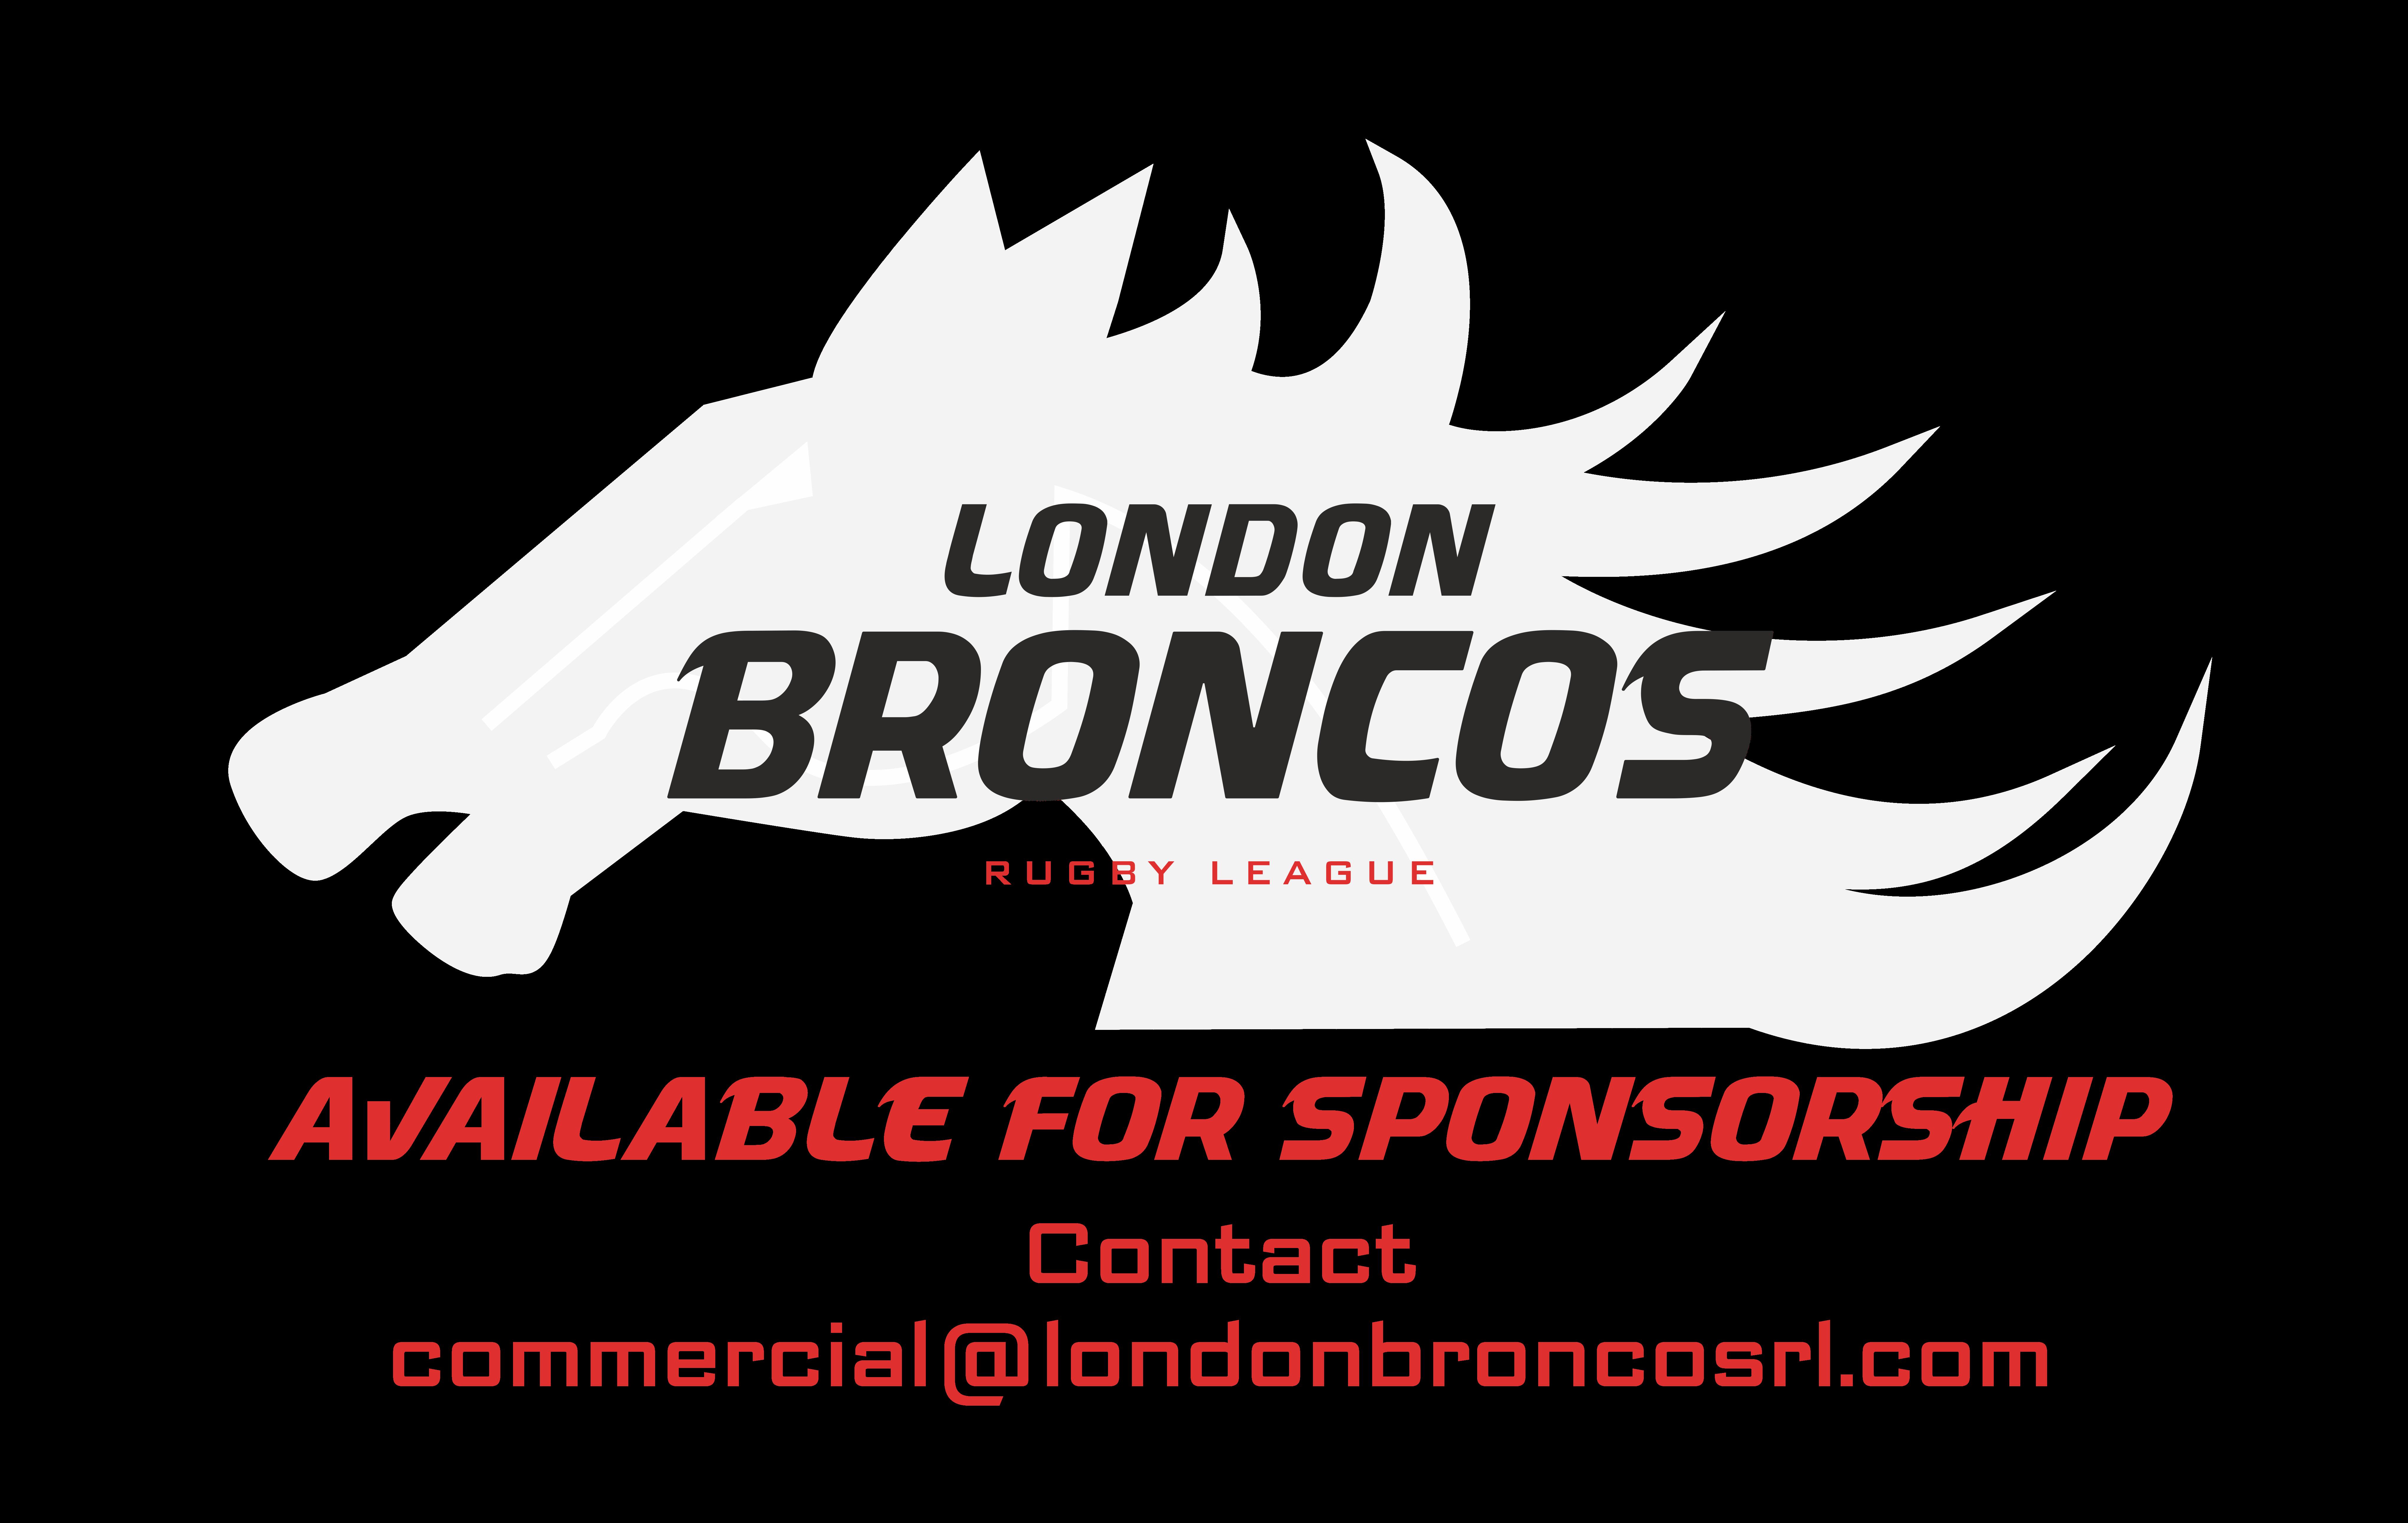 https://londonbroncosrl.com/wp-content/uploads/2021/03/BroncosSponsorship.png